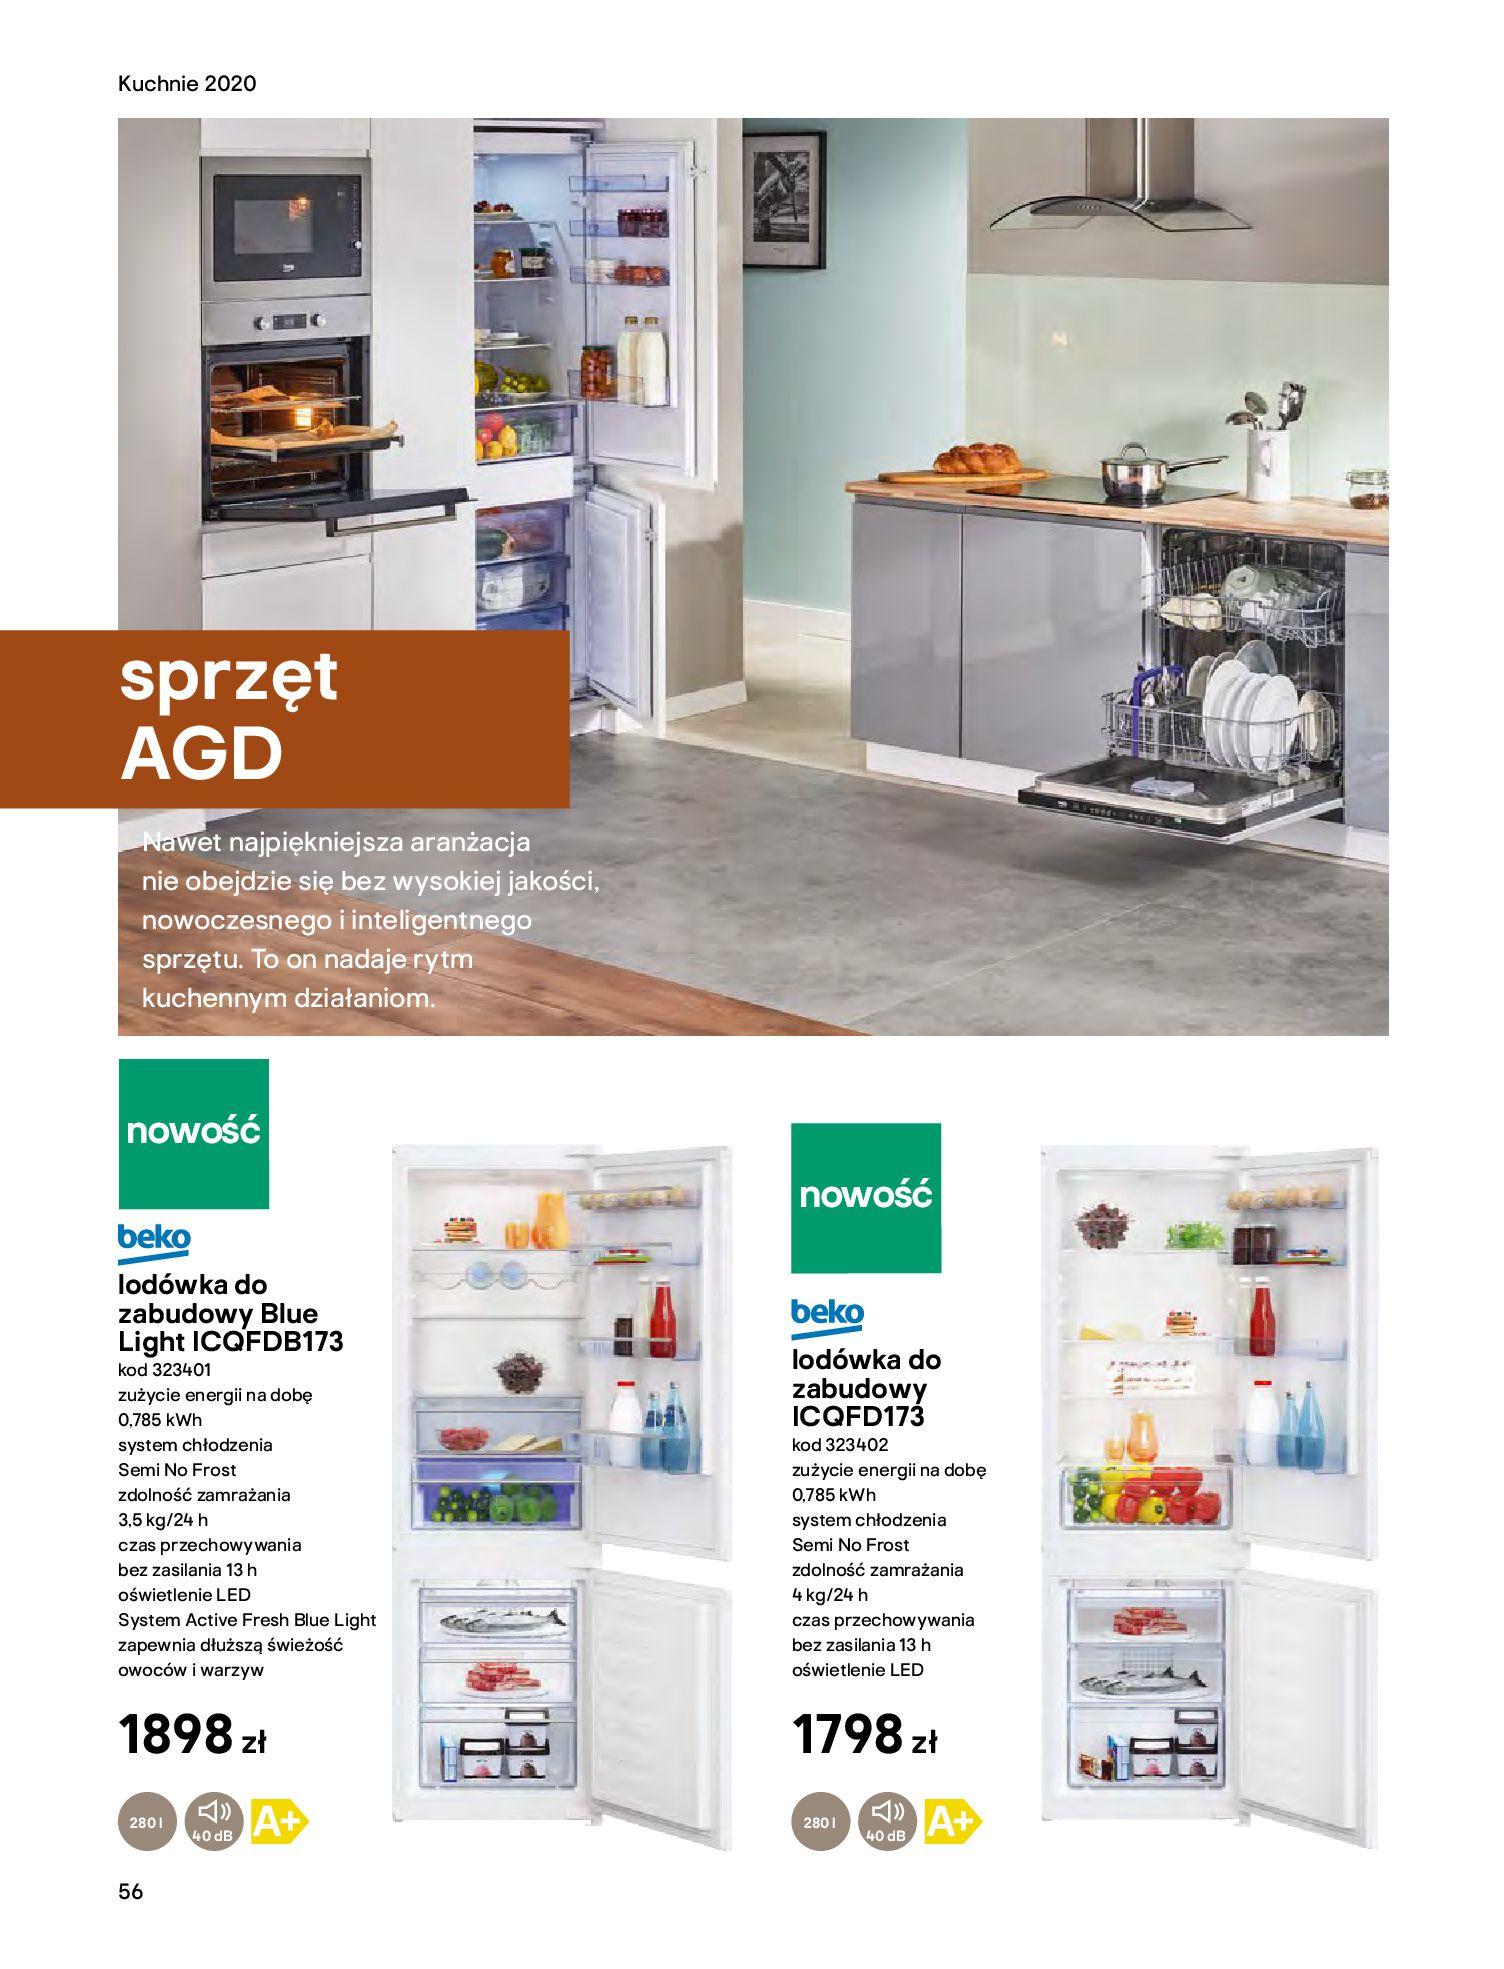 Gazetka Castorama - Katalog Kuchnie 2020-14.04.2020-31.12.2020-page-56